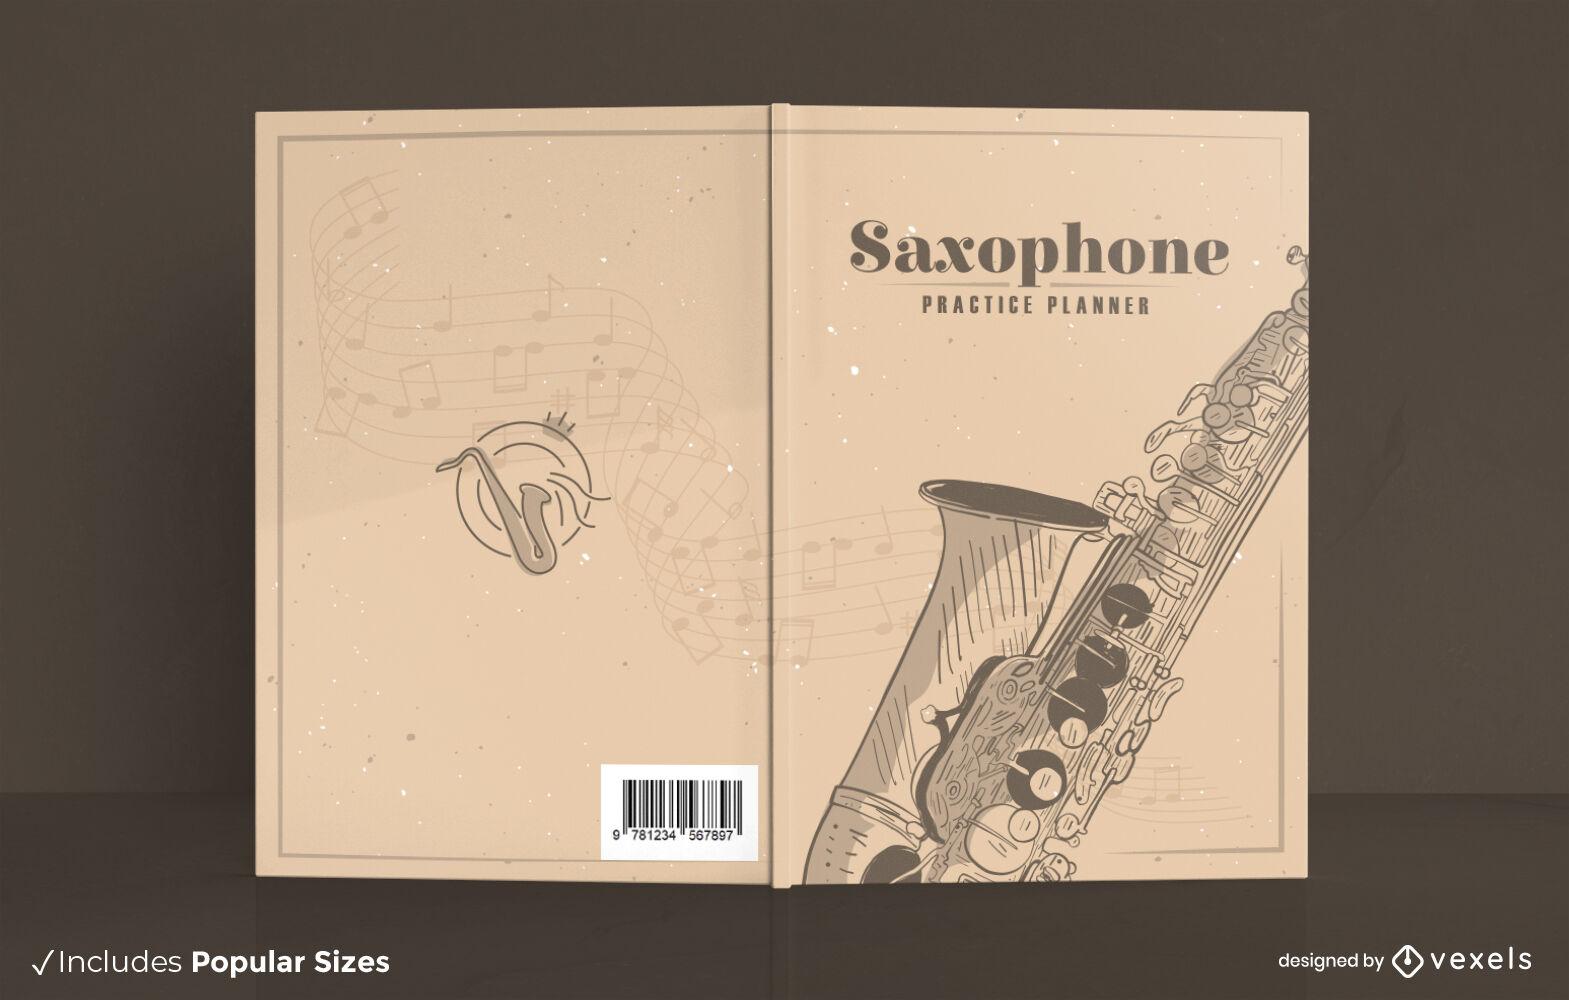 Buchcover-Design f?r Saxophonmusikinstrumente